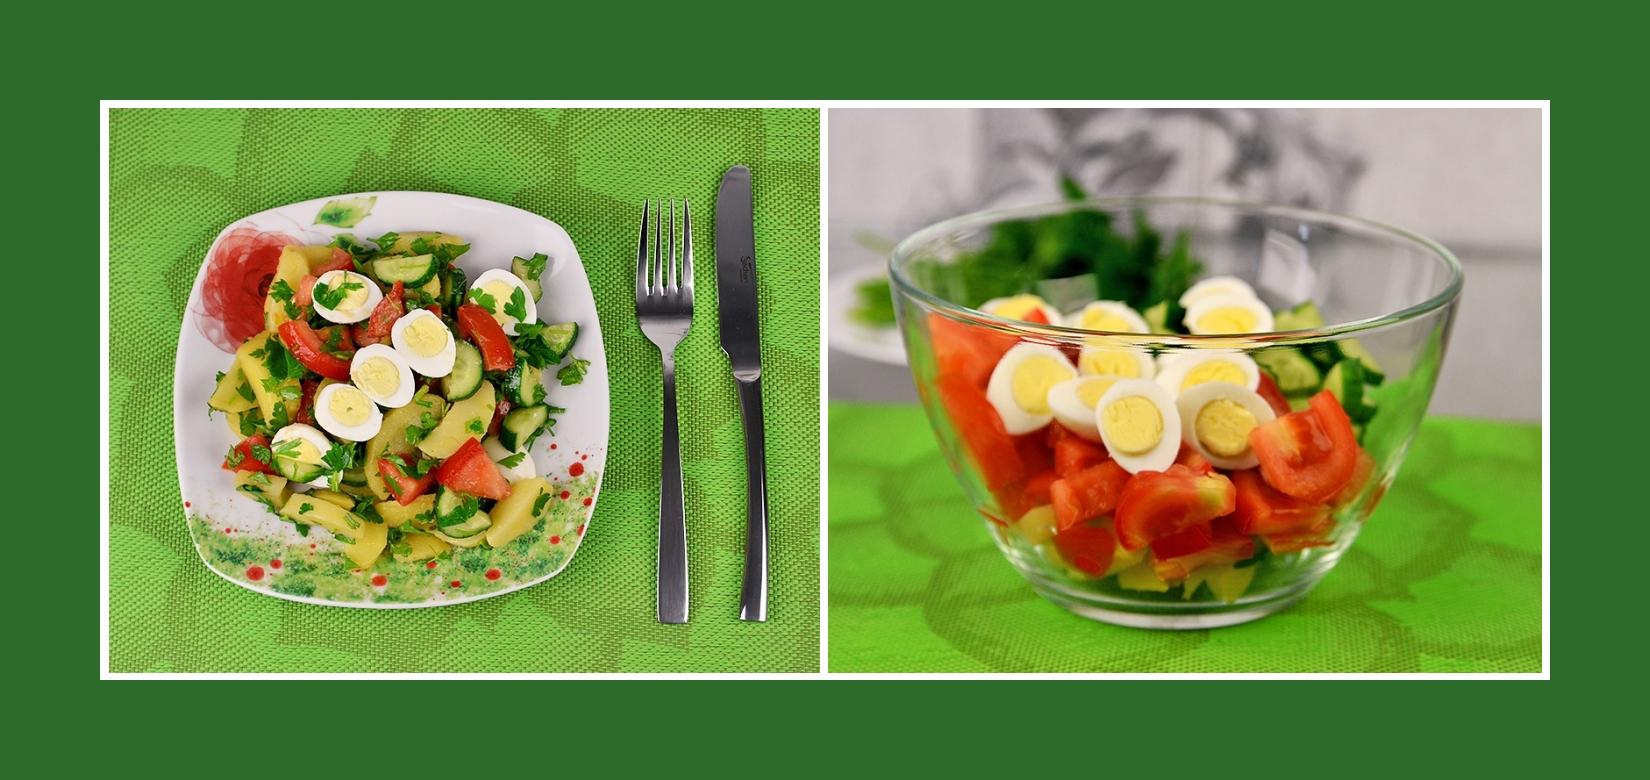 Salat aus Wachteleiern, gekochten Kartoffeln, Tomaten und Gurken